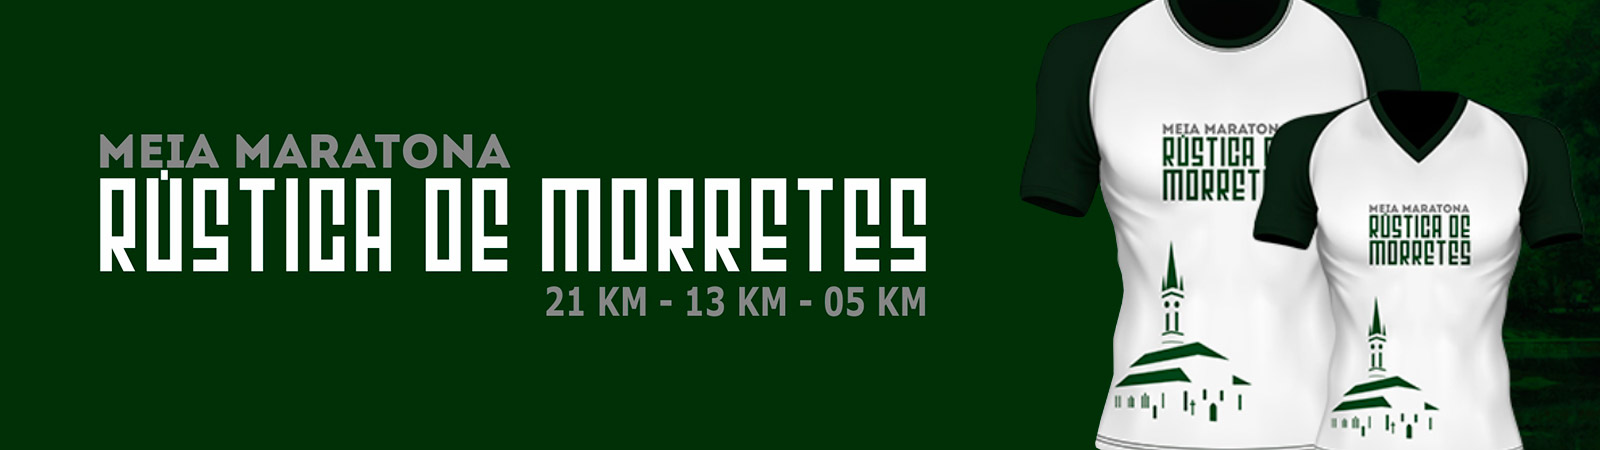 MEIA MARATONA RÚSTICA DE MORRETES - Imagem de topo